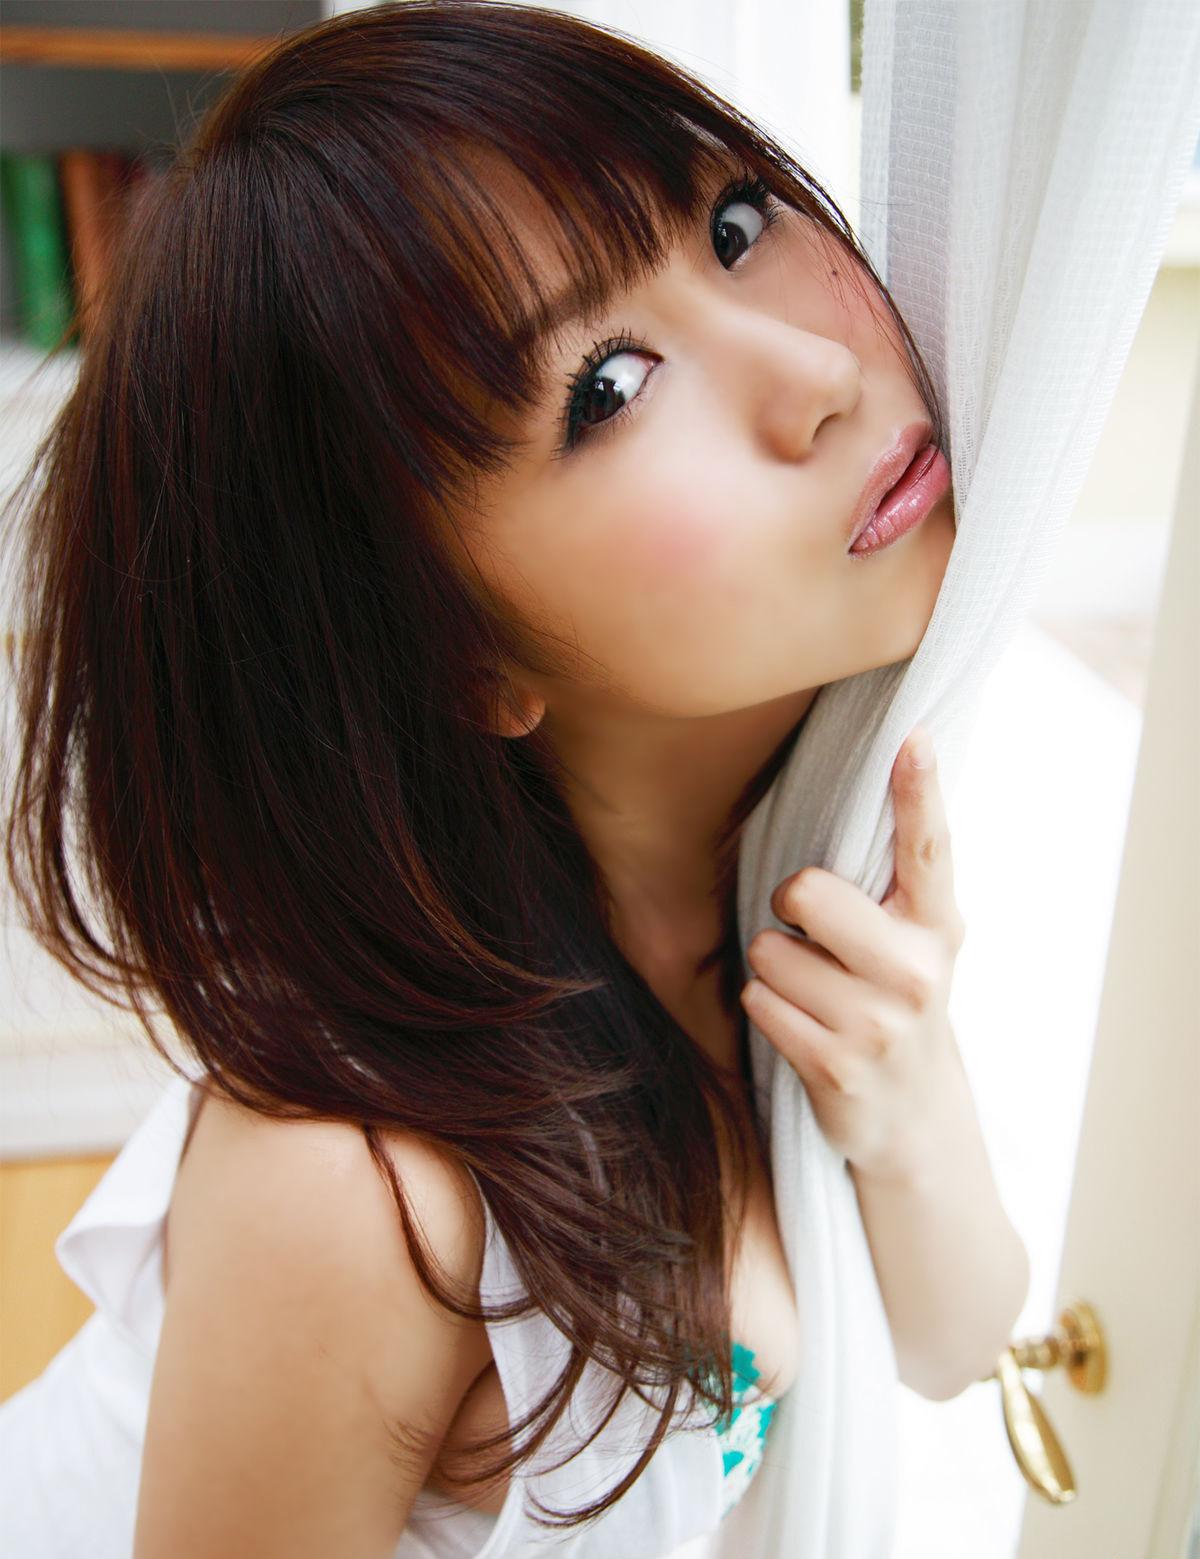 西田麻衣 画像 高画質 80